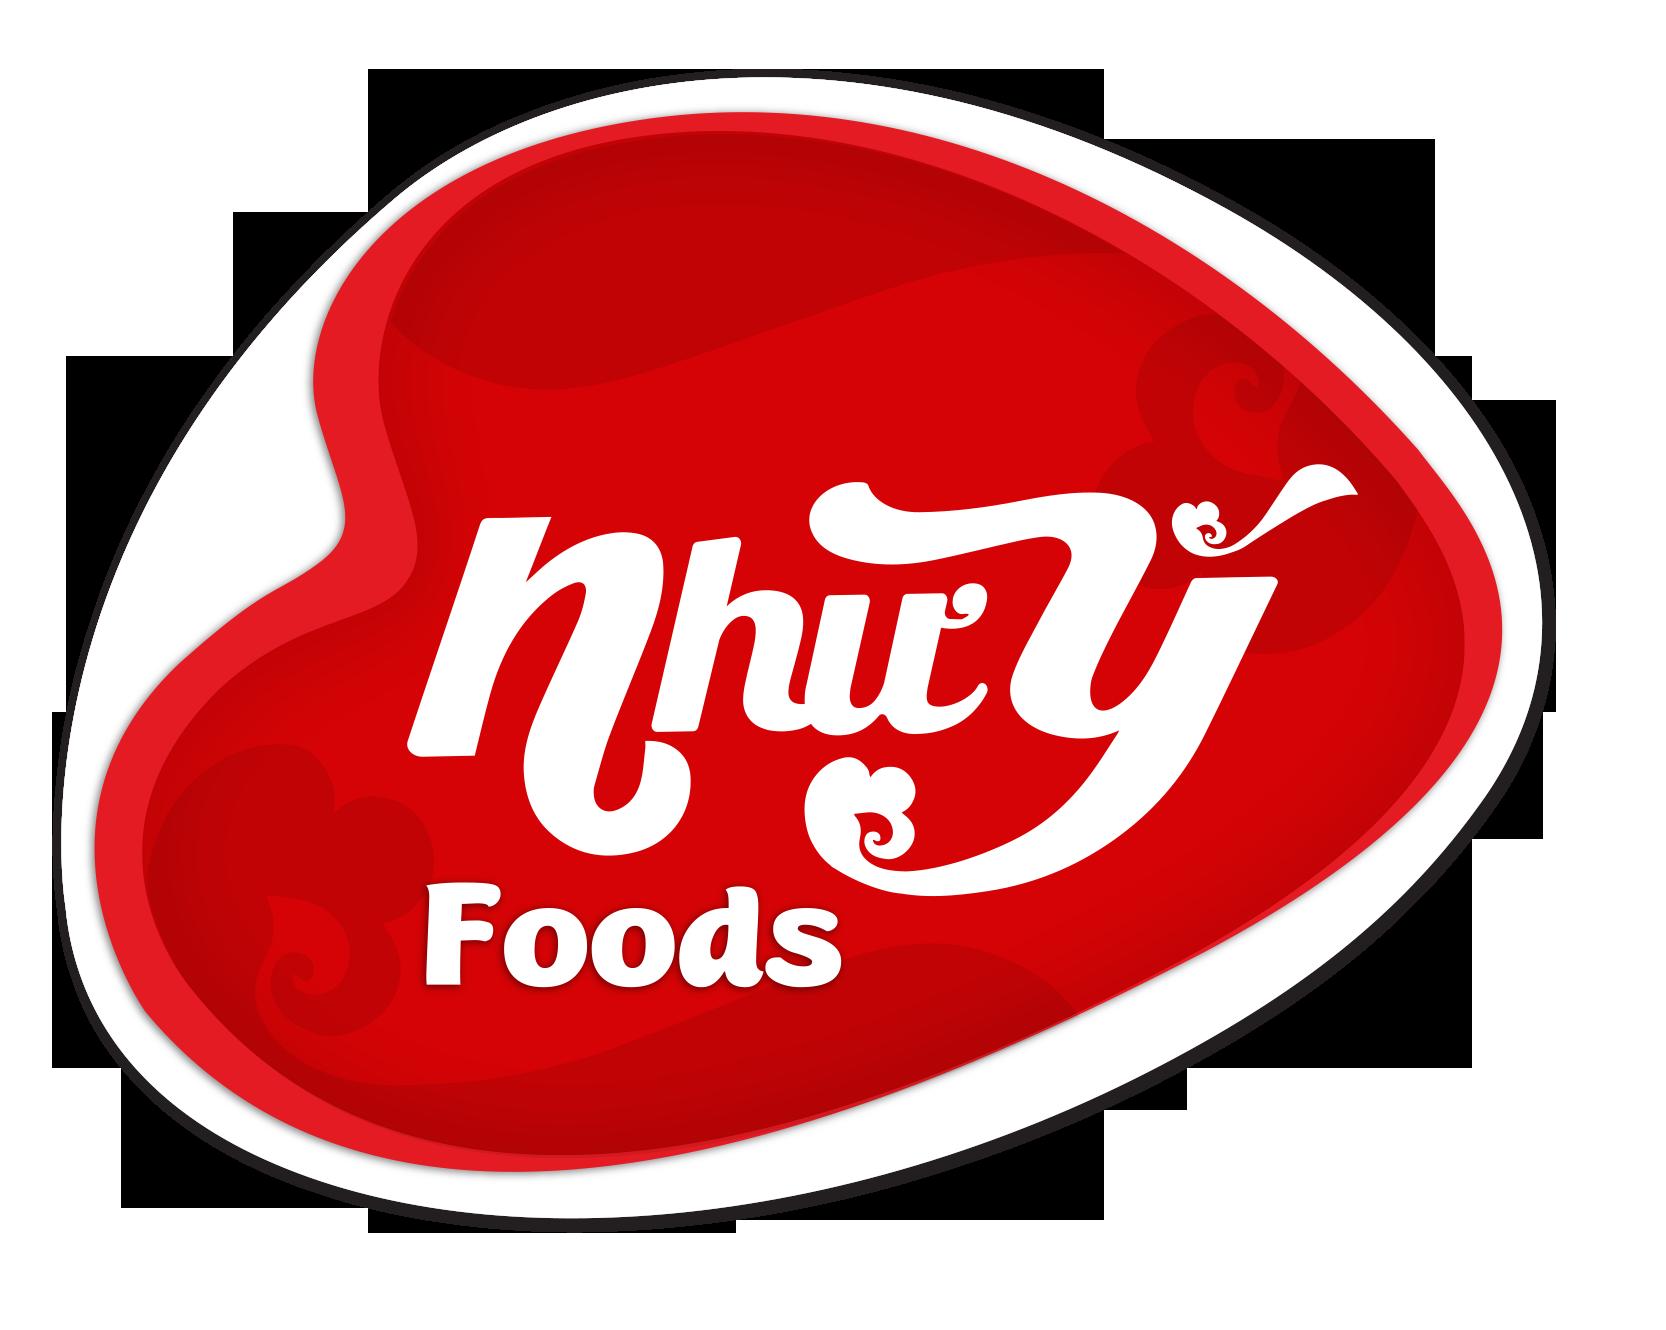 Nhu Y Foods